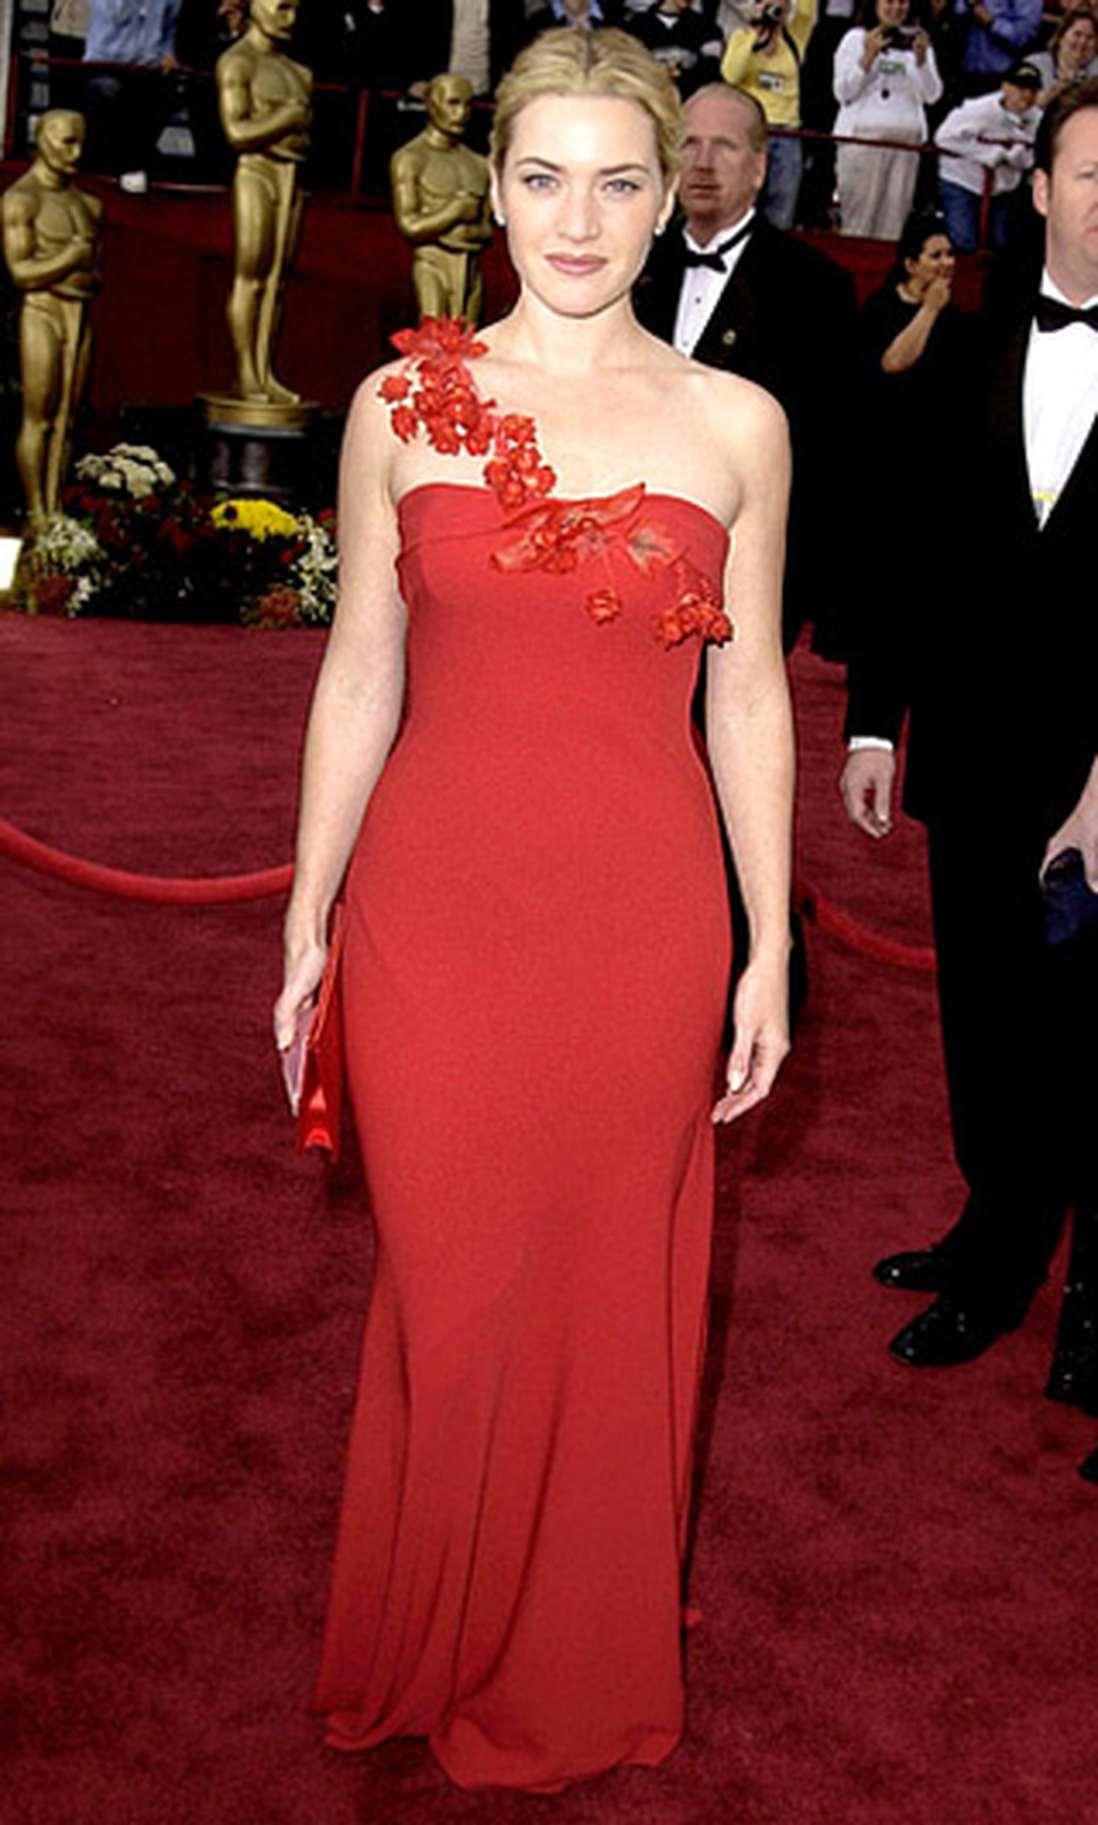 Кейт уинслет платье от